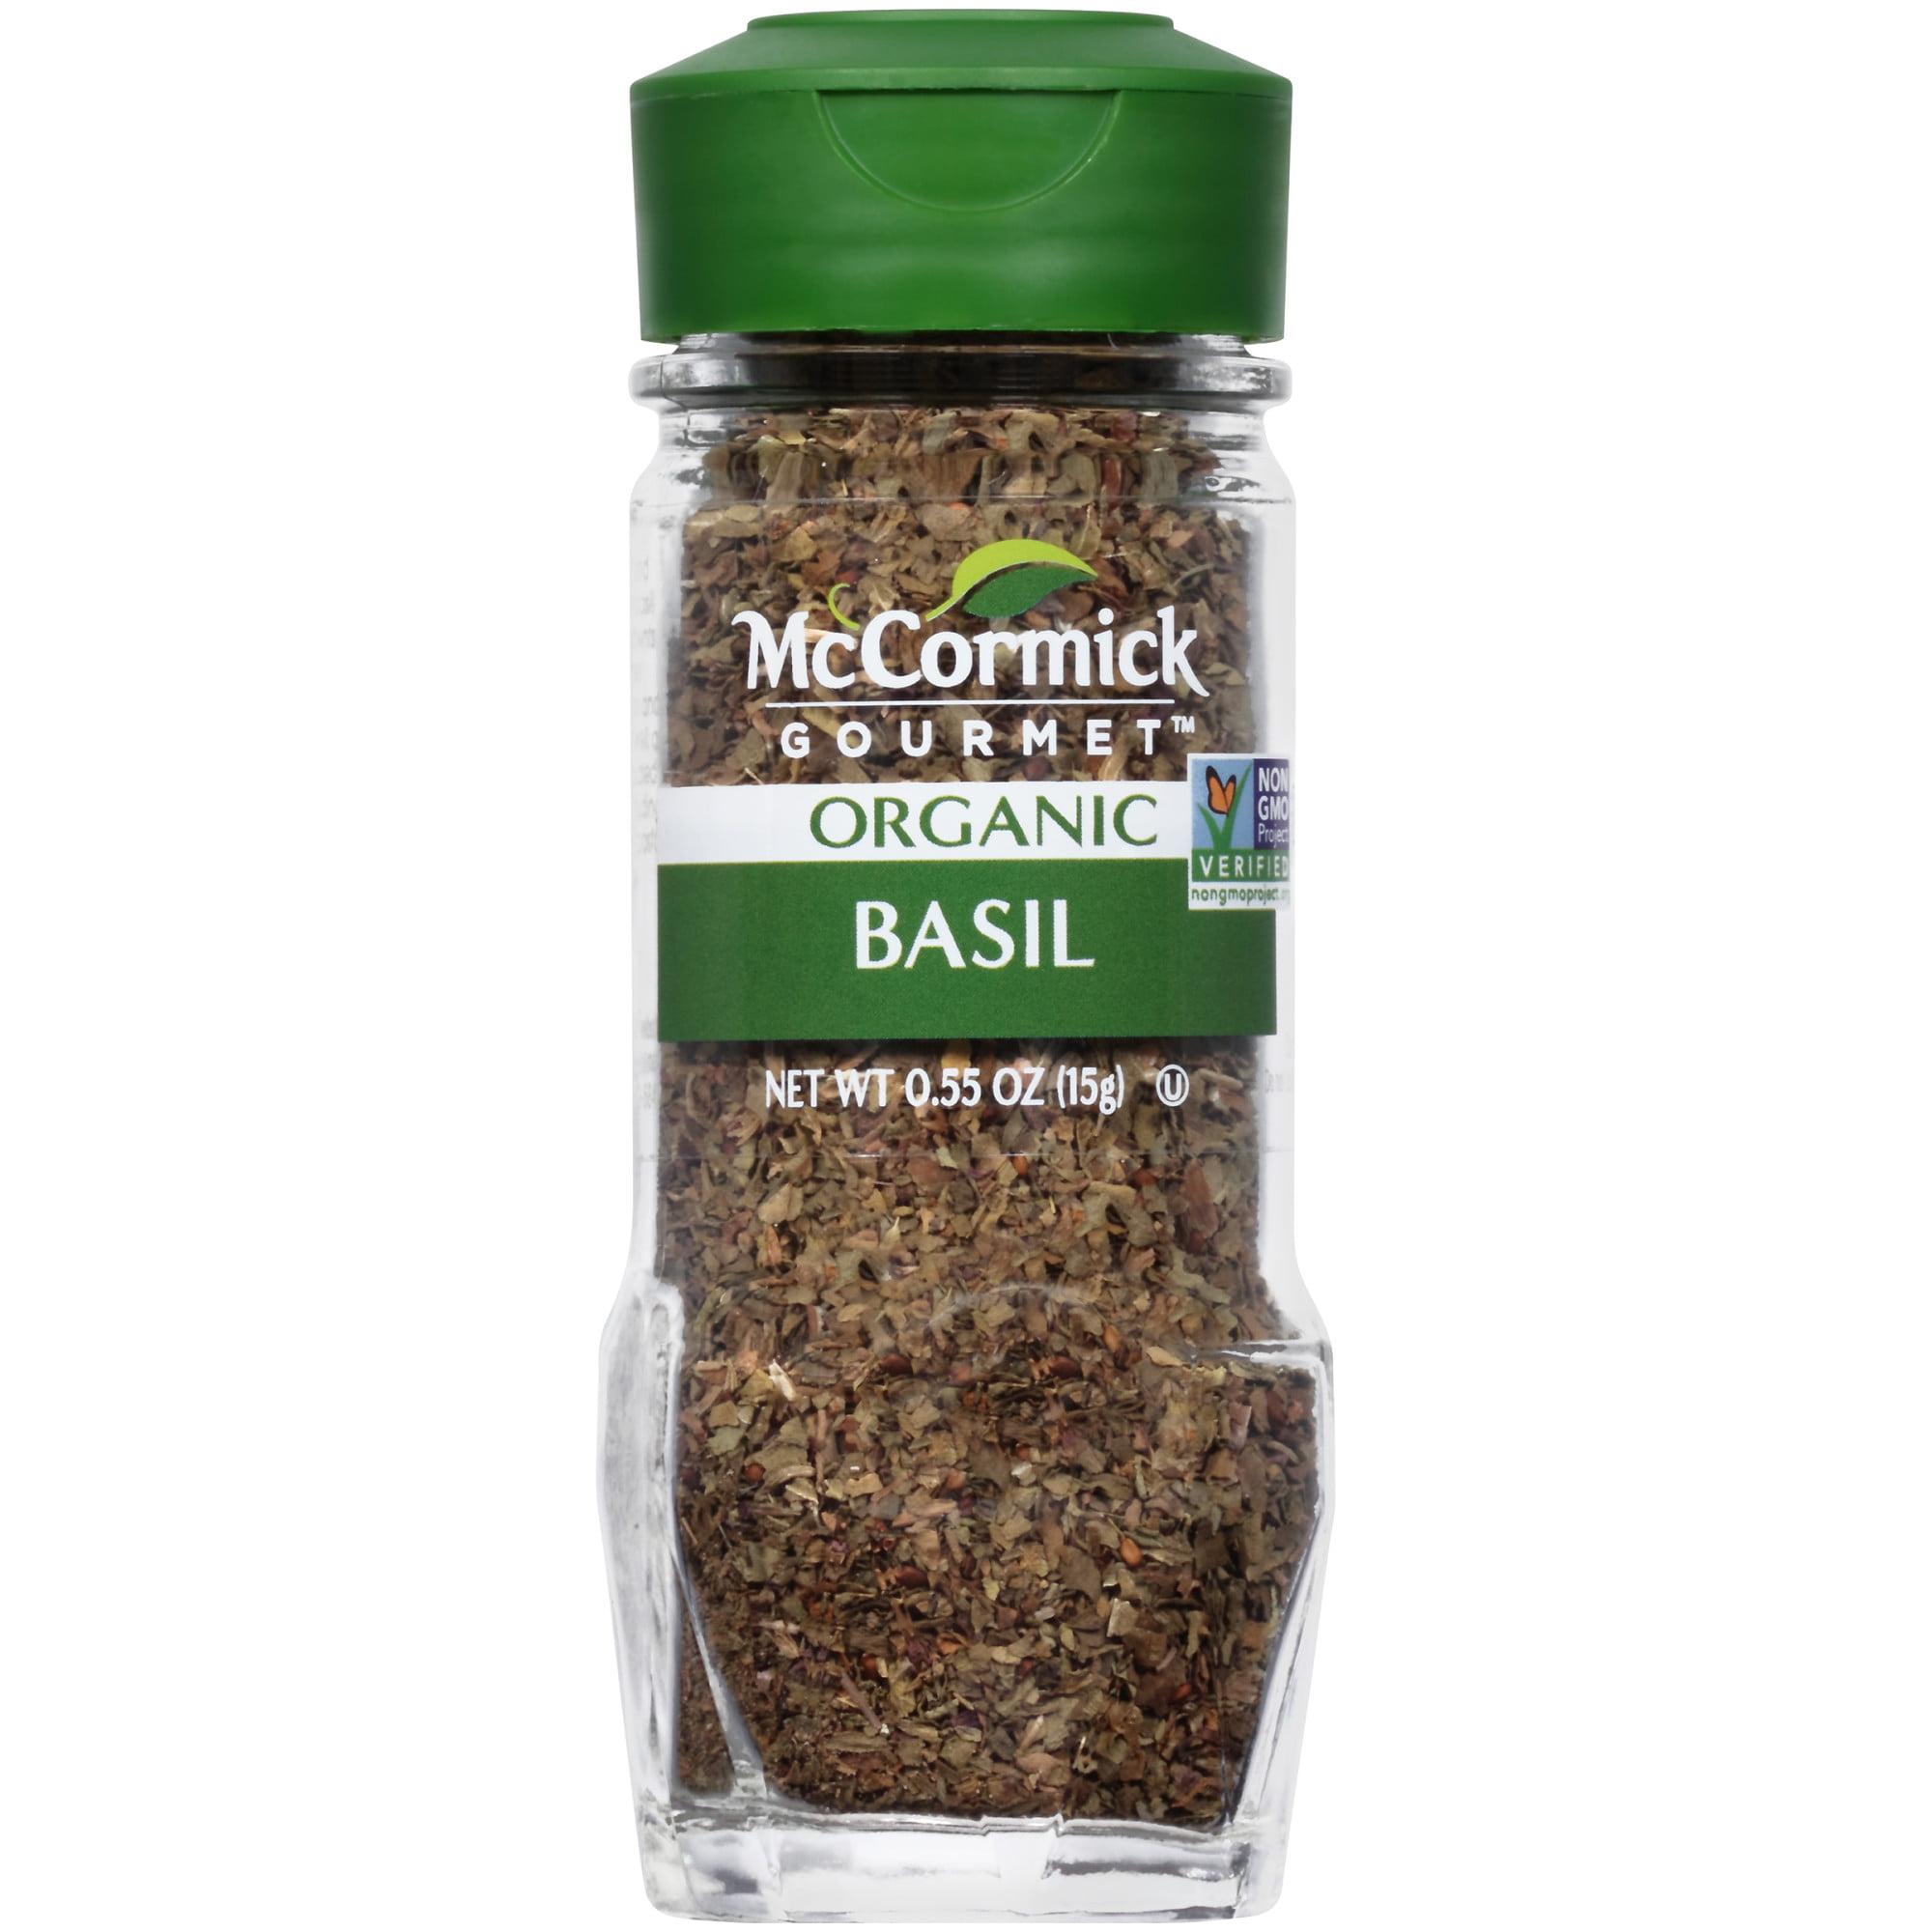 McCormick Gourmet Organic Basil Leaves, 0.55 oz